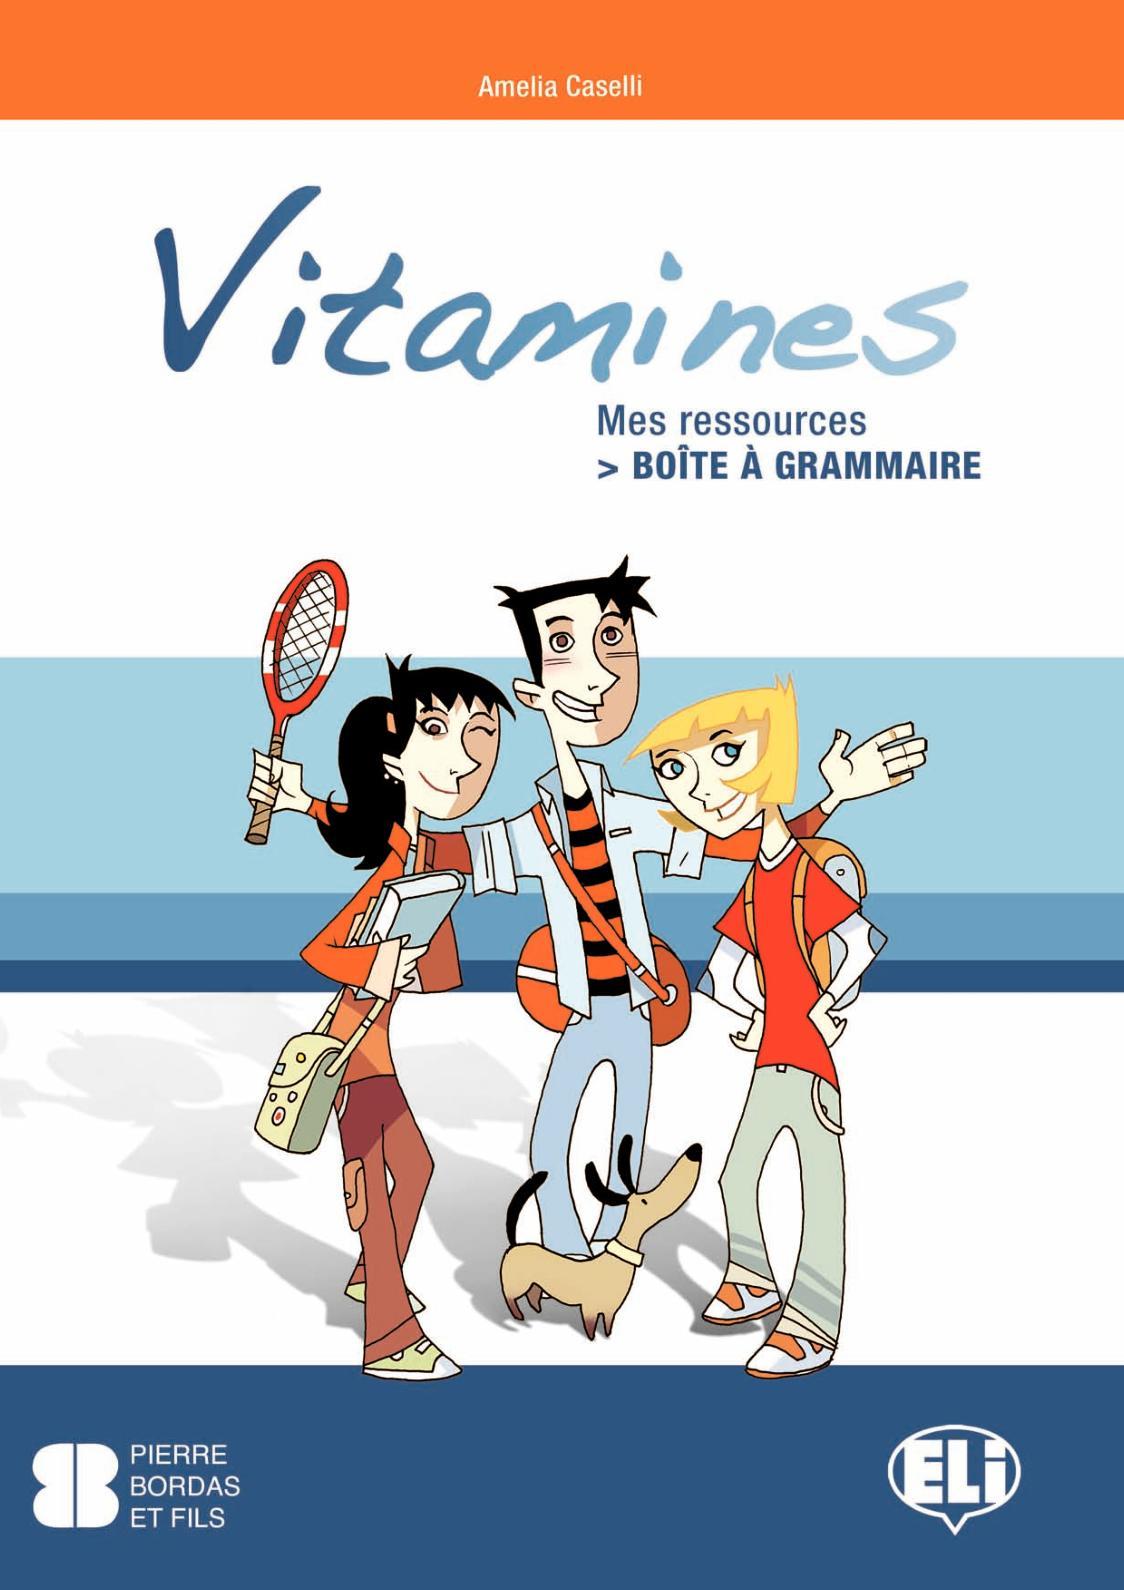 Vitamines Vitamines Vitamines Calaméo Grammaire Grammaire Grammaire Grammaire Calaméo Calaméo Calaméo Vitamines Calaméo Grammaire Calaméo Vitamines eWE2HIY9D